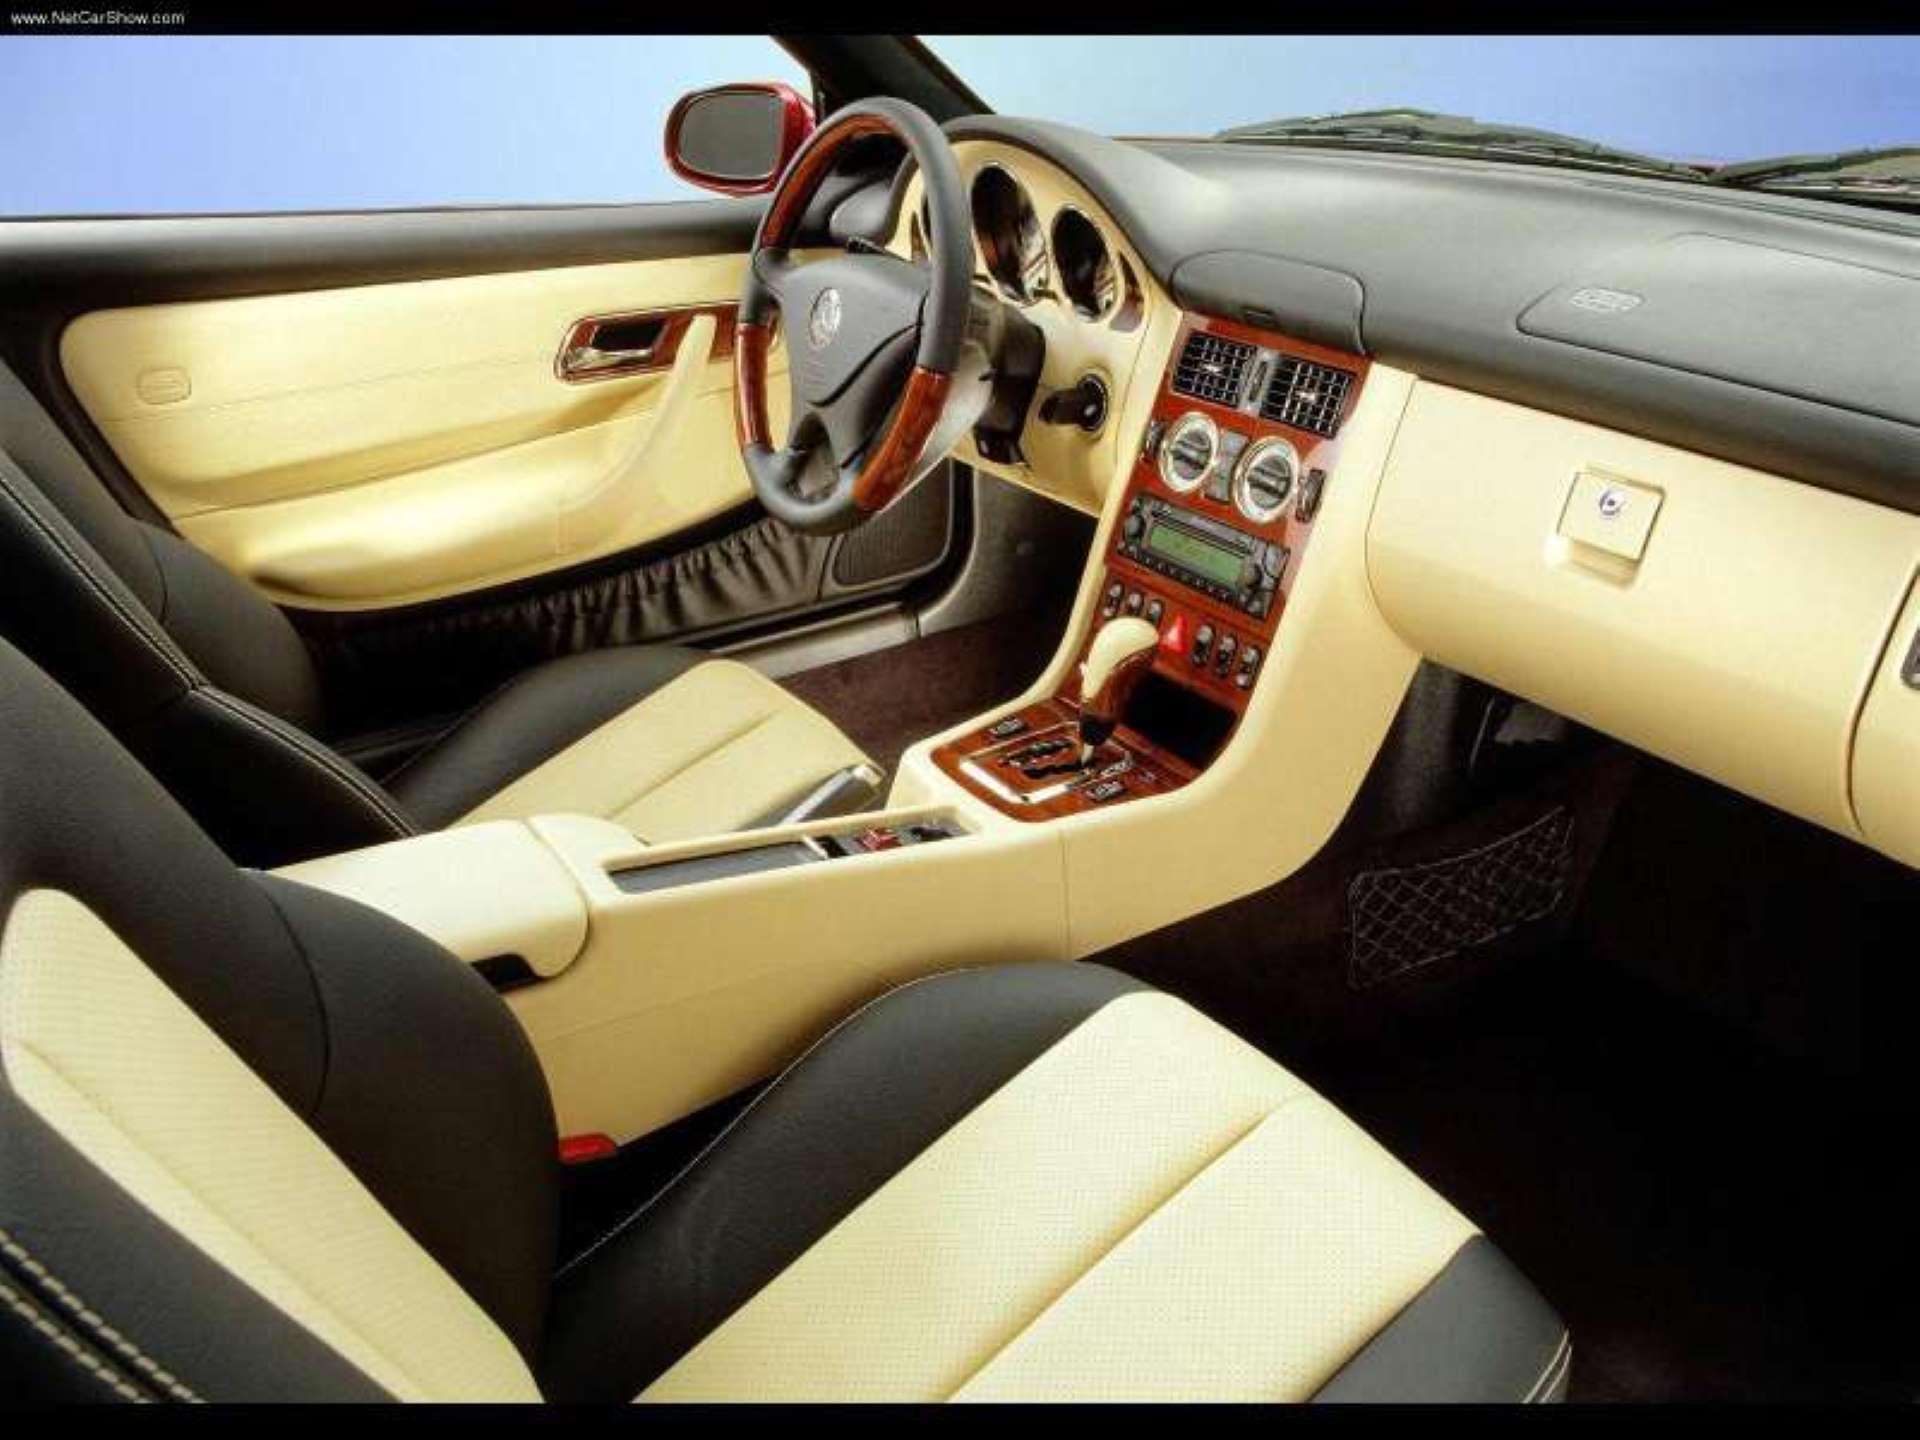 Pandemic No Appreciation Mercedes-Benz R170 SLK interior